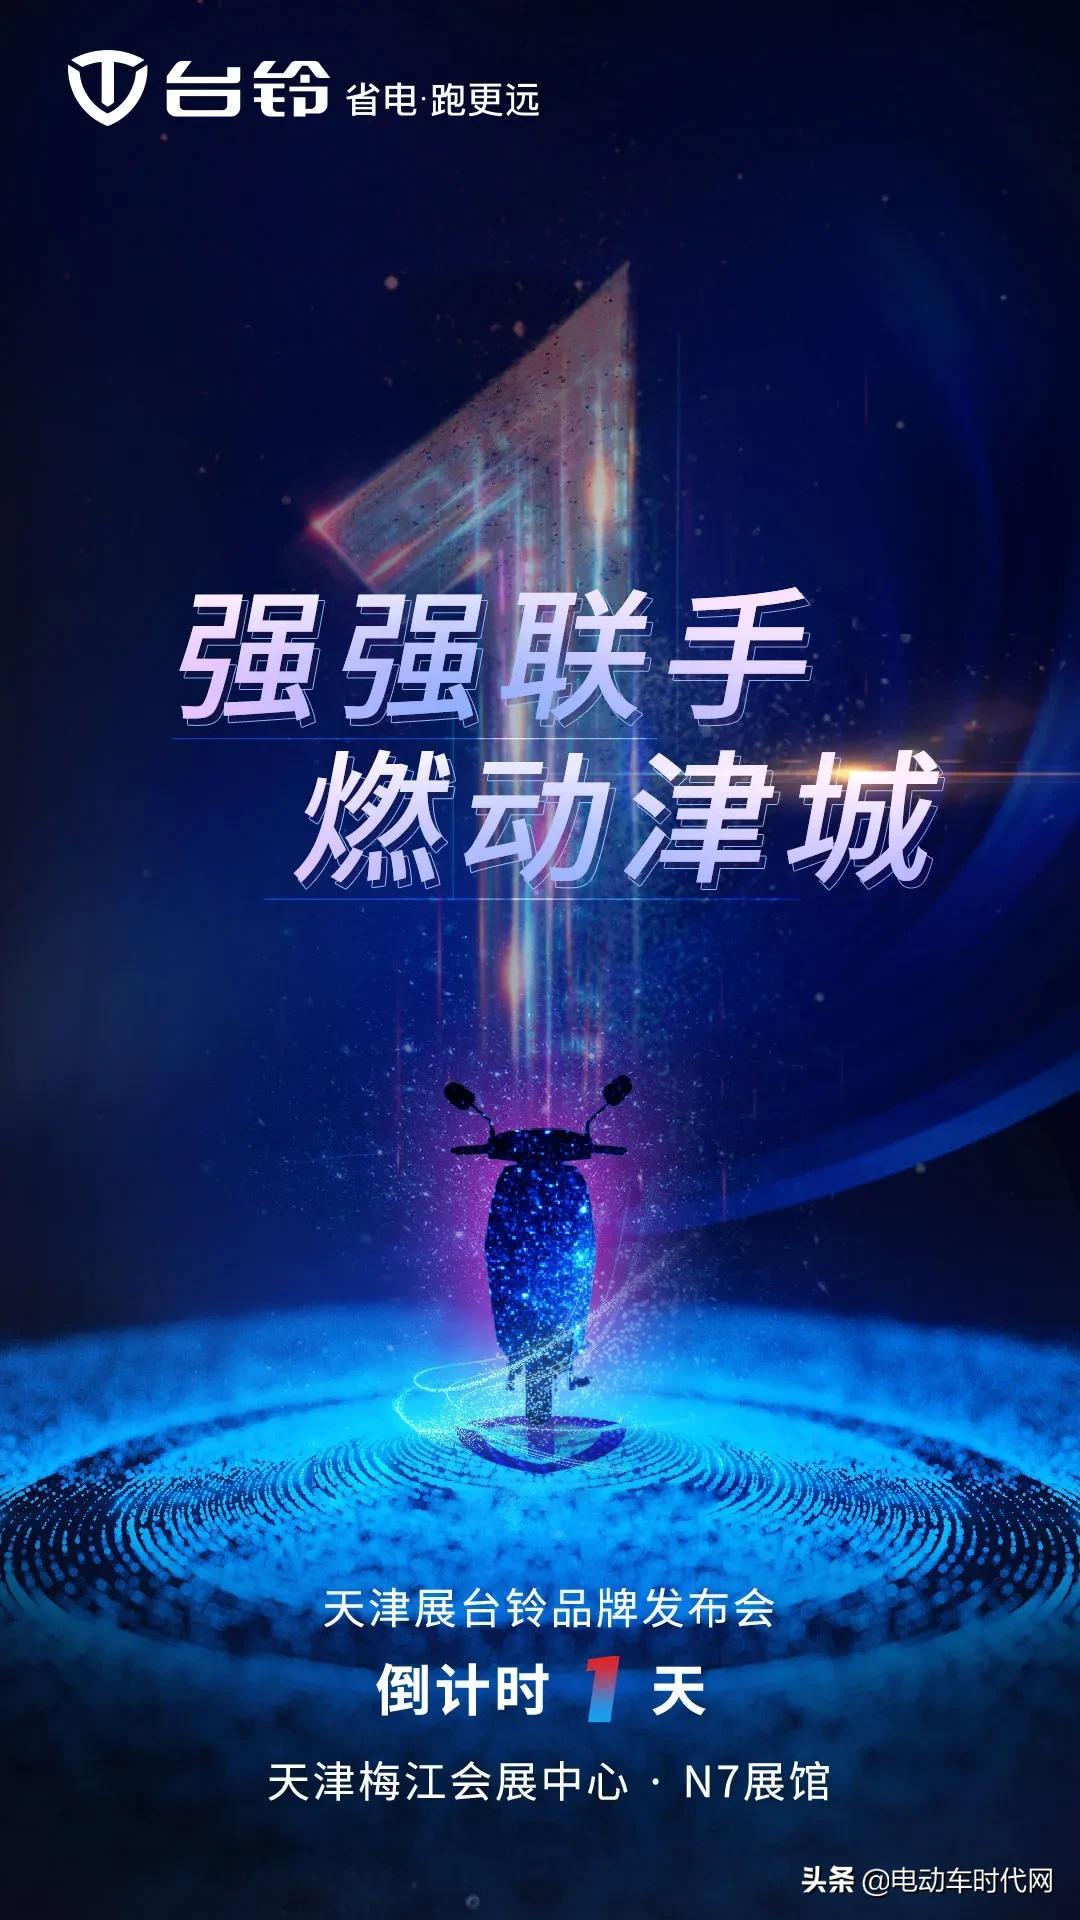 倒計時1天   天津展 看臺鈴:中國臺鈴 全球領跑